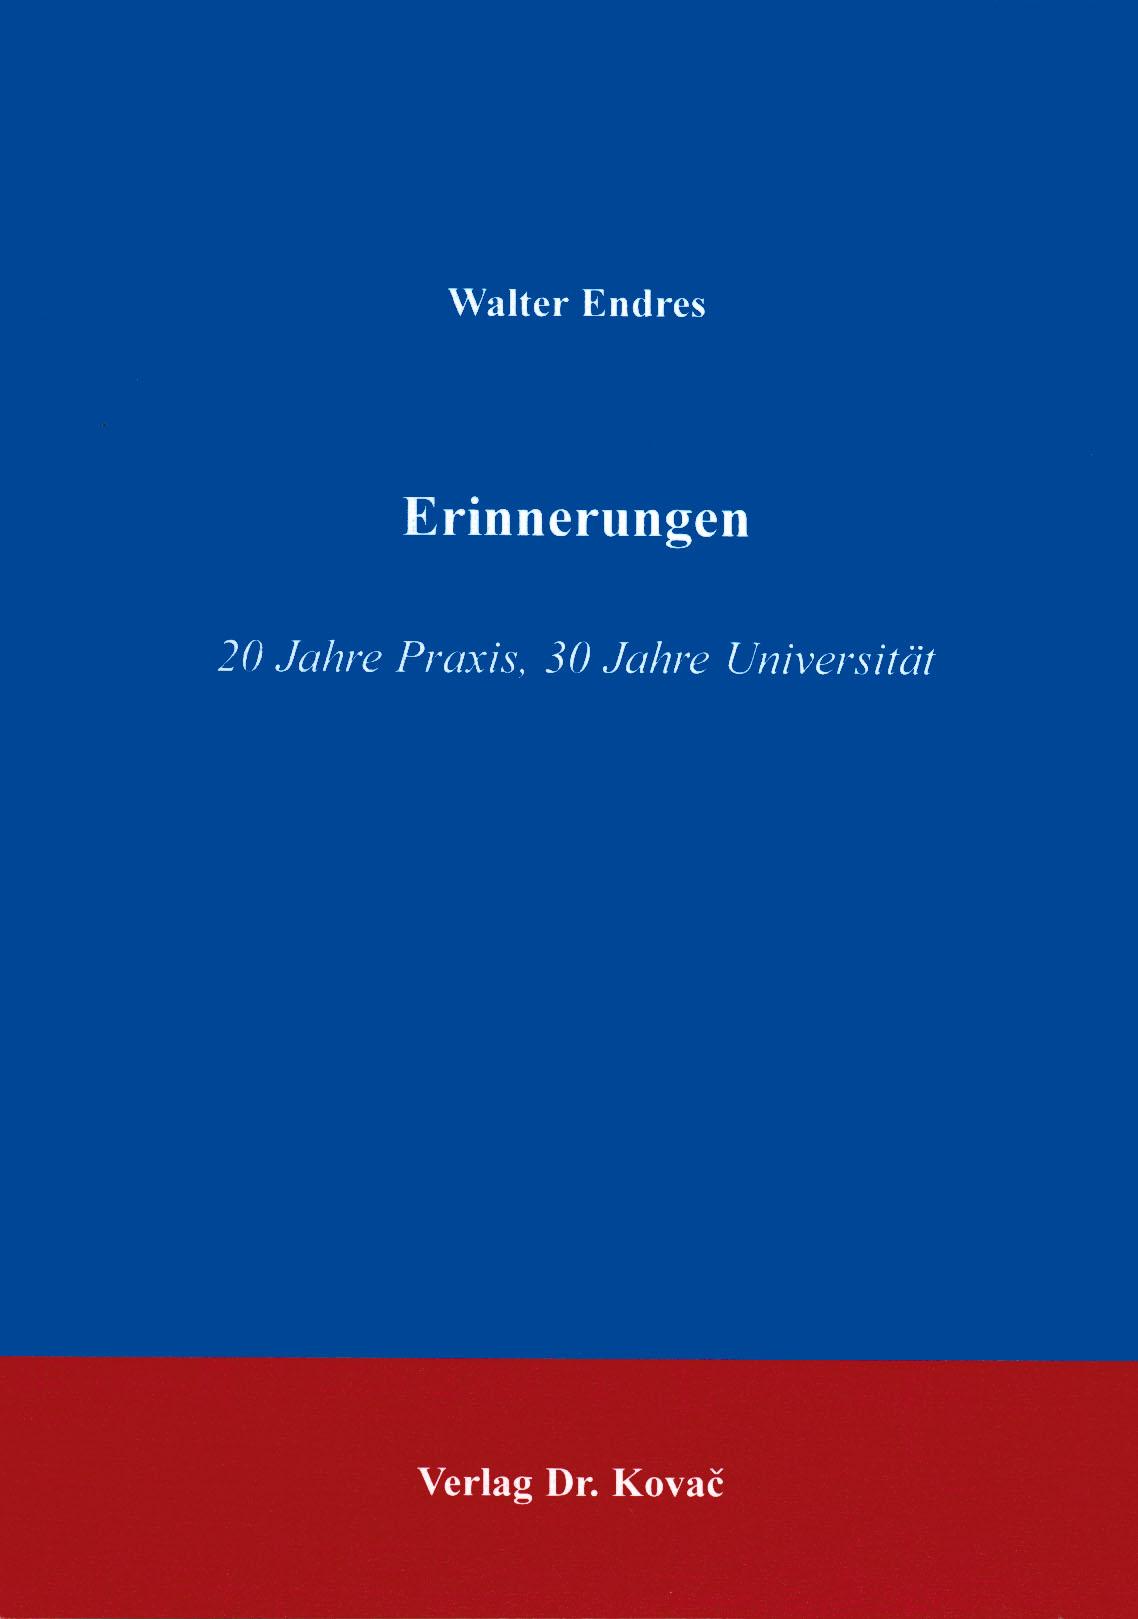 Cover: Erinnerungen: 20 Jahre Praxis, 30 Jahre Universität